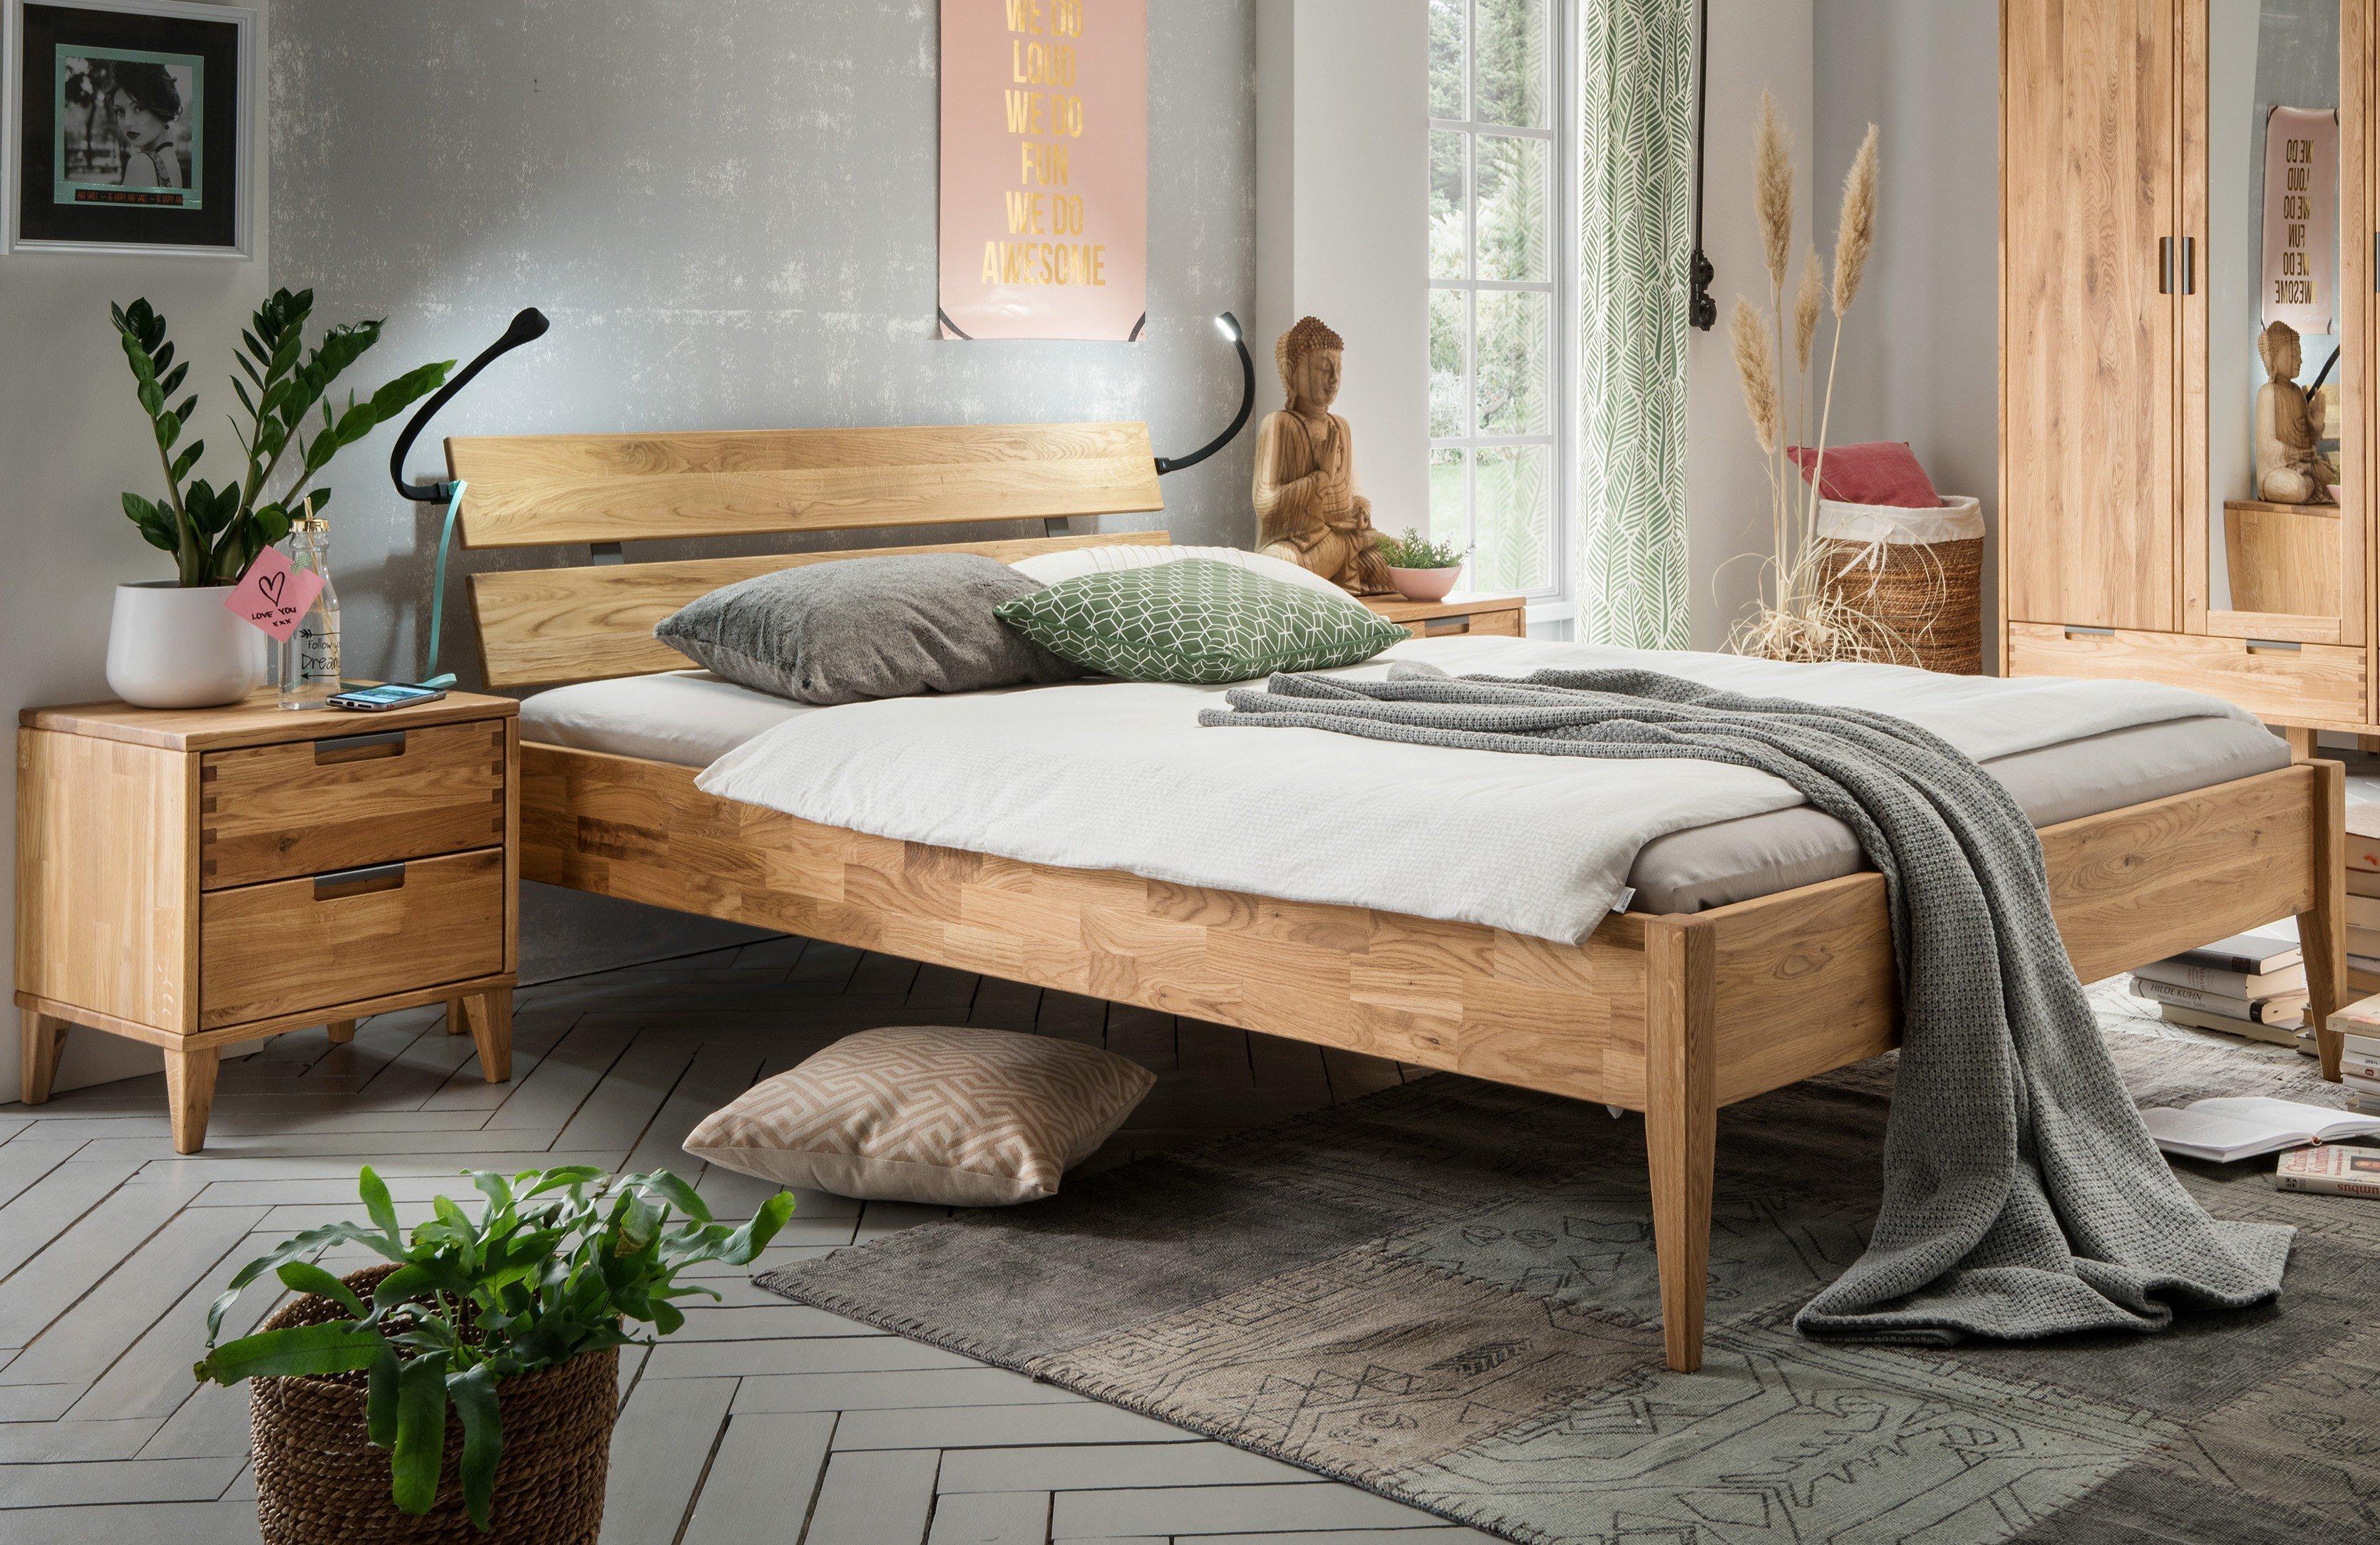 Bett Mido von SKALIK Eiche geölt natur   Möbel Letz - Ihr Online-Shop